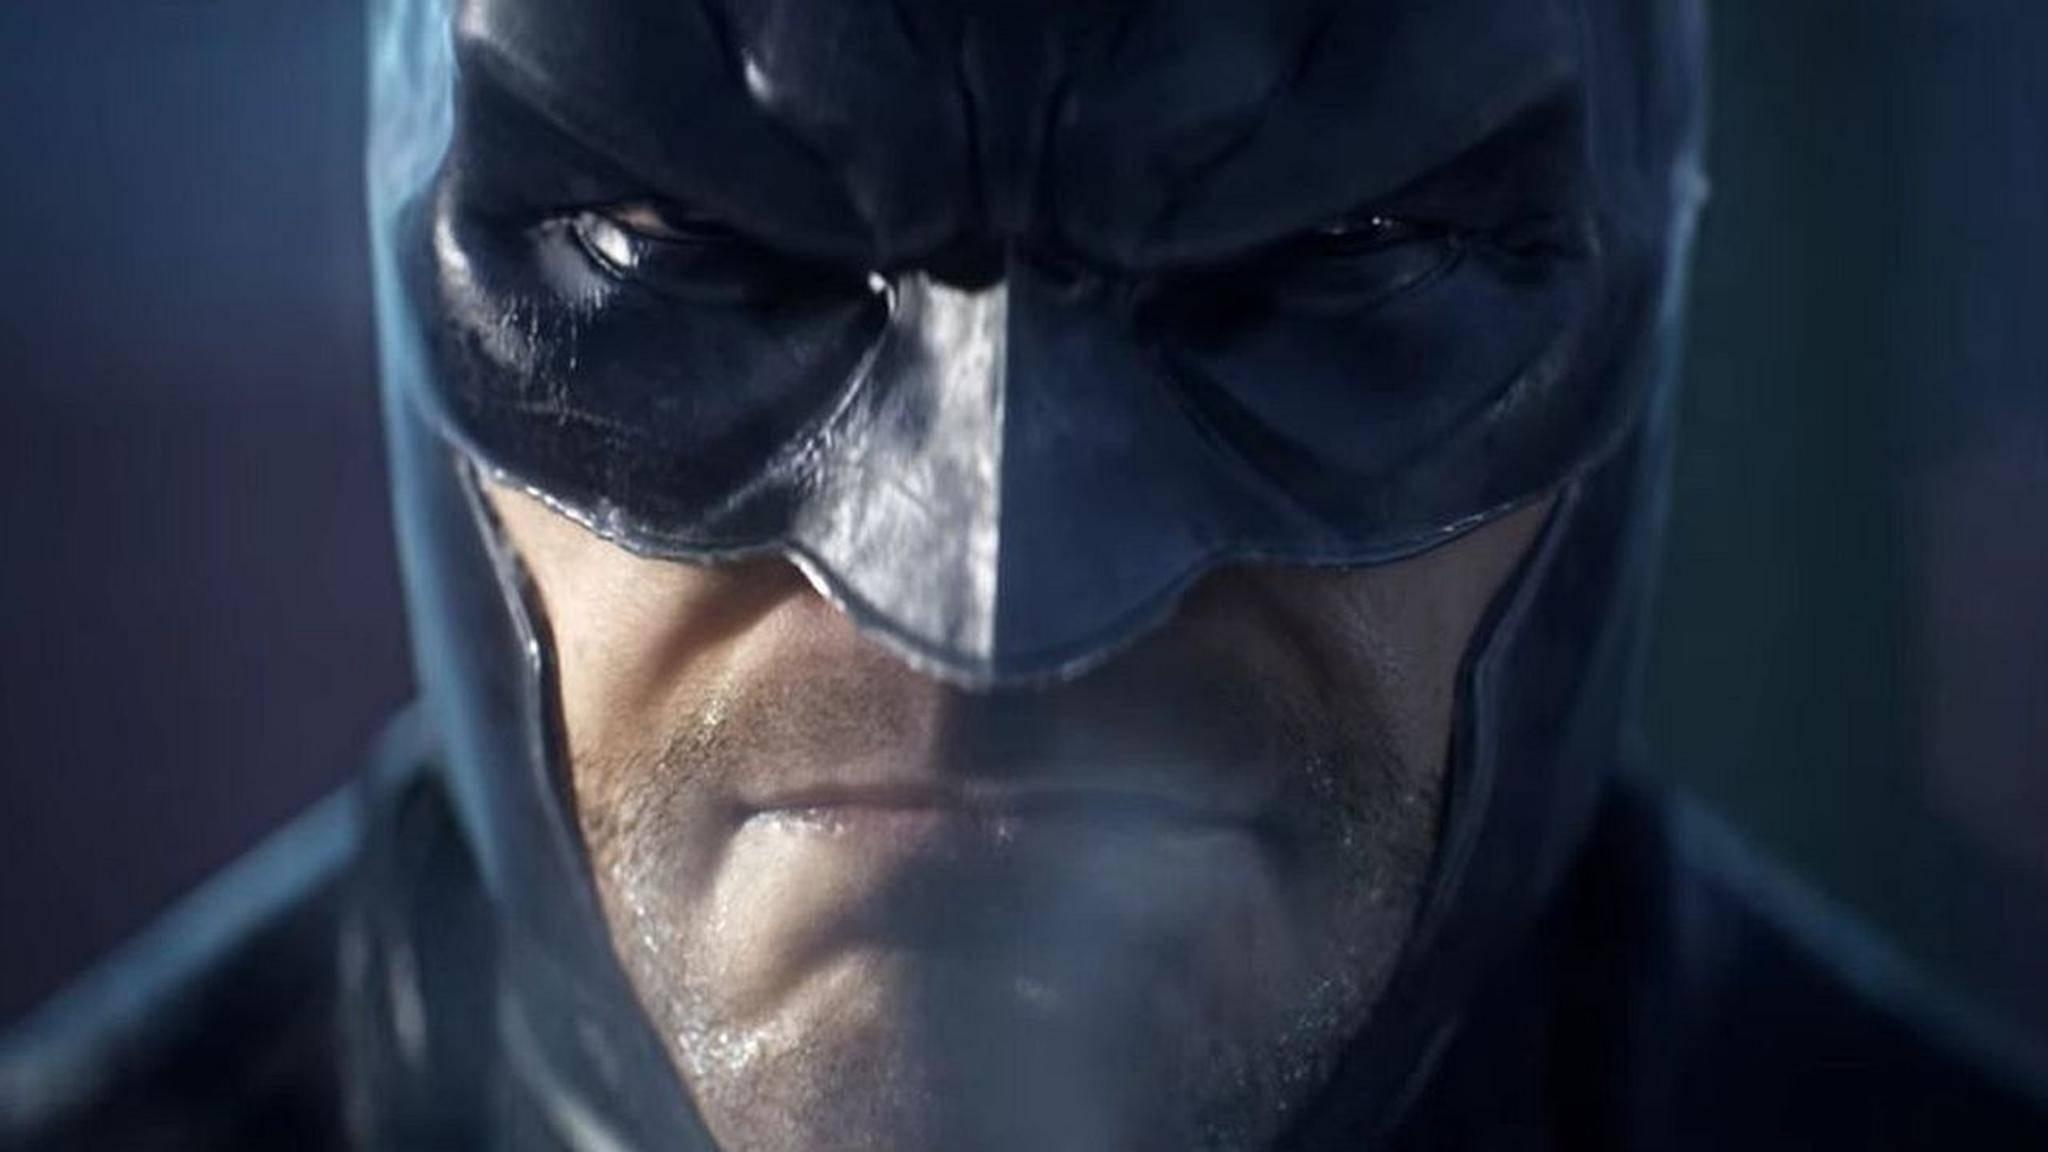 Batman guckt grimmig – und das bald auch in 4K auf der Xbox One X?